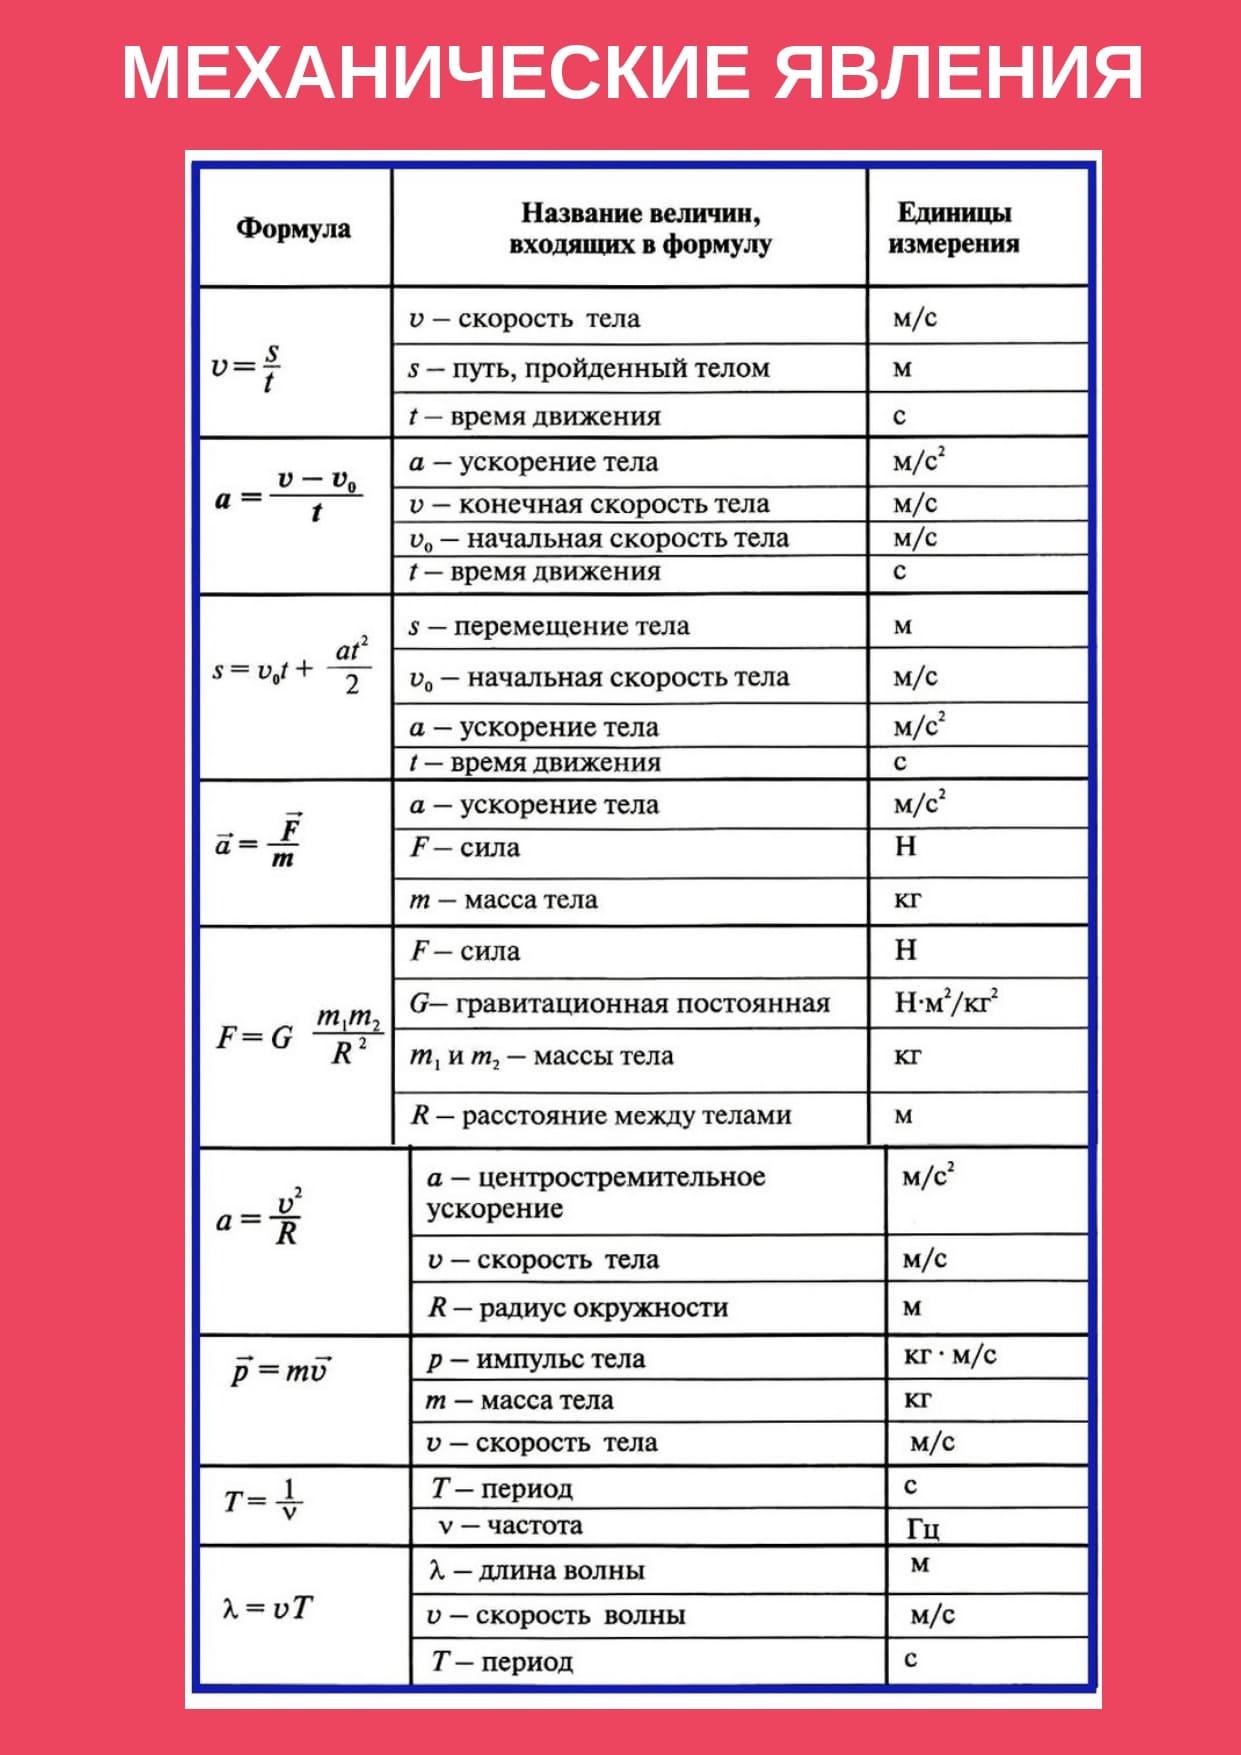 Формулы механические явления